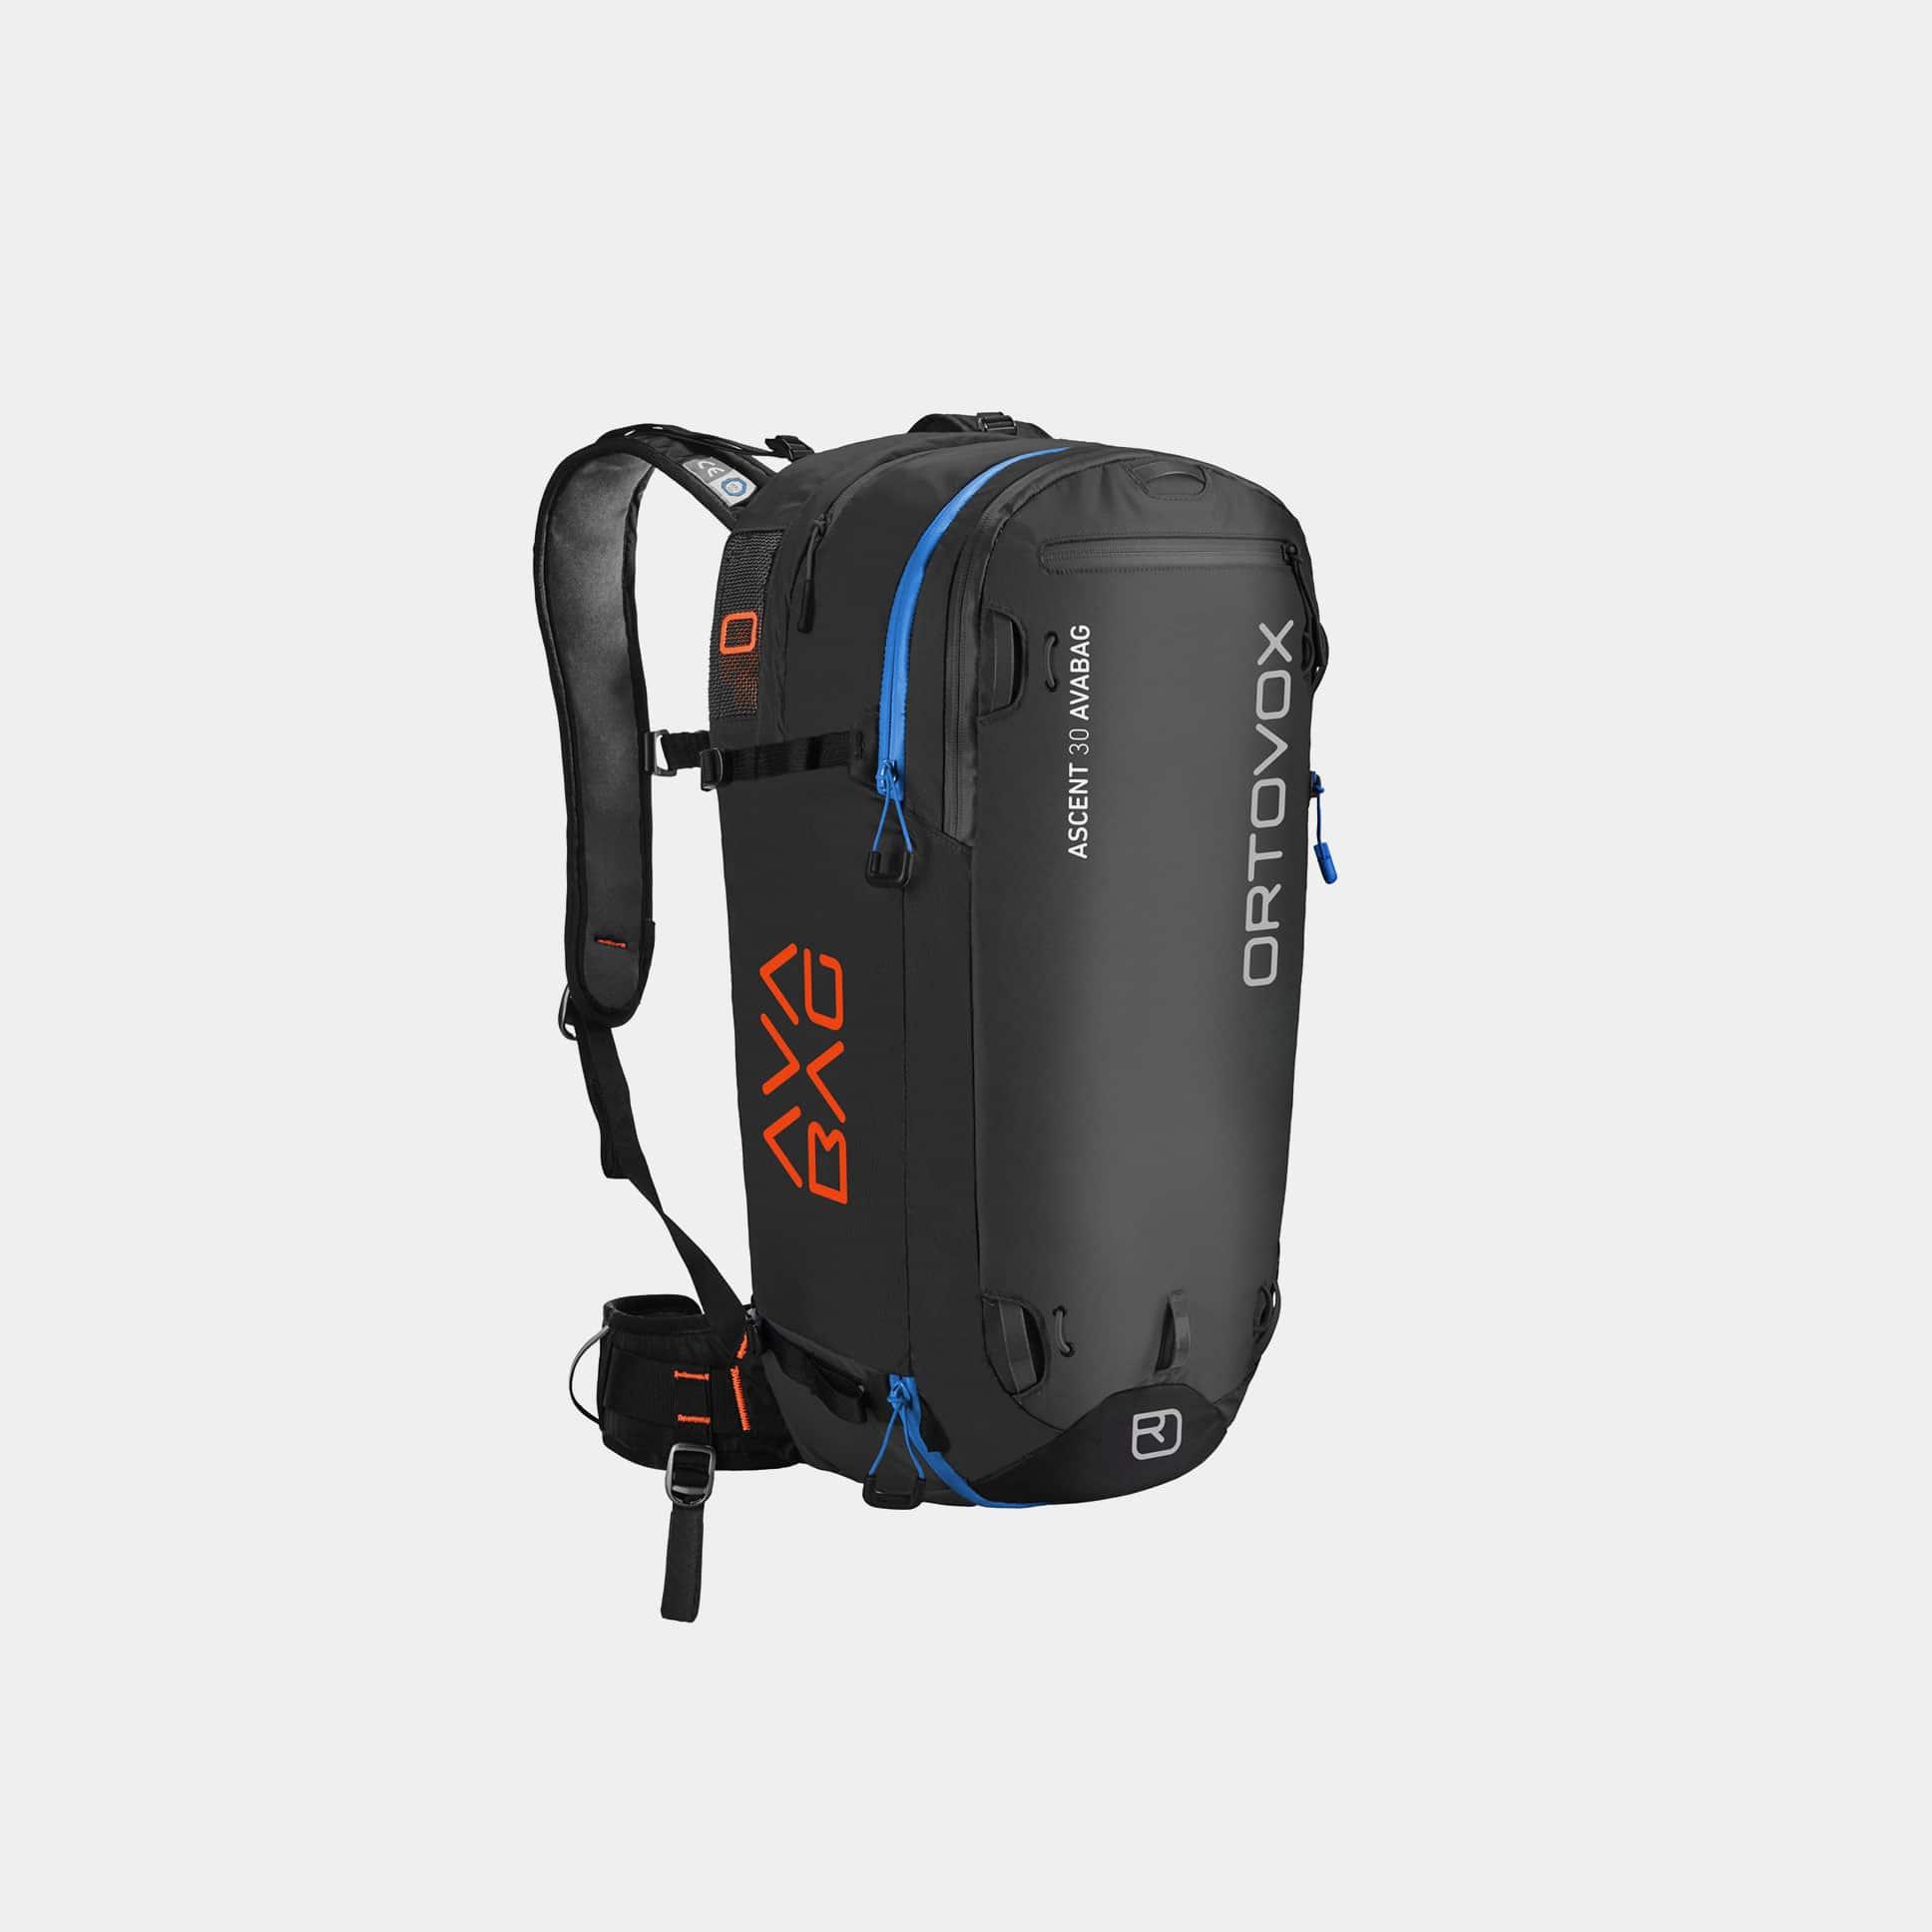 Outville_Skitourenprodukte_Ortovox--Avabag-Ascent-30-